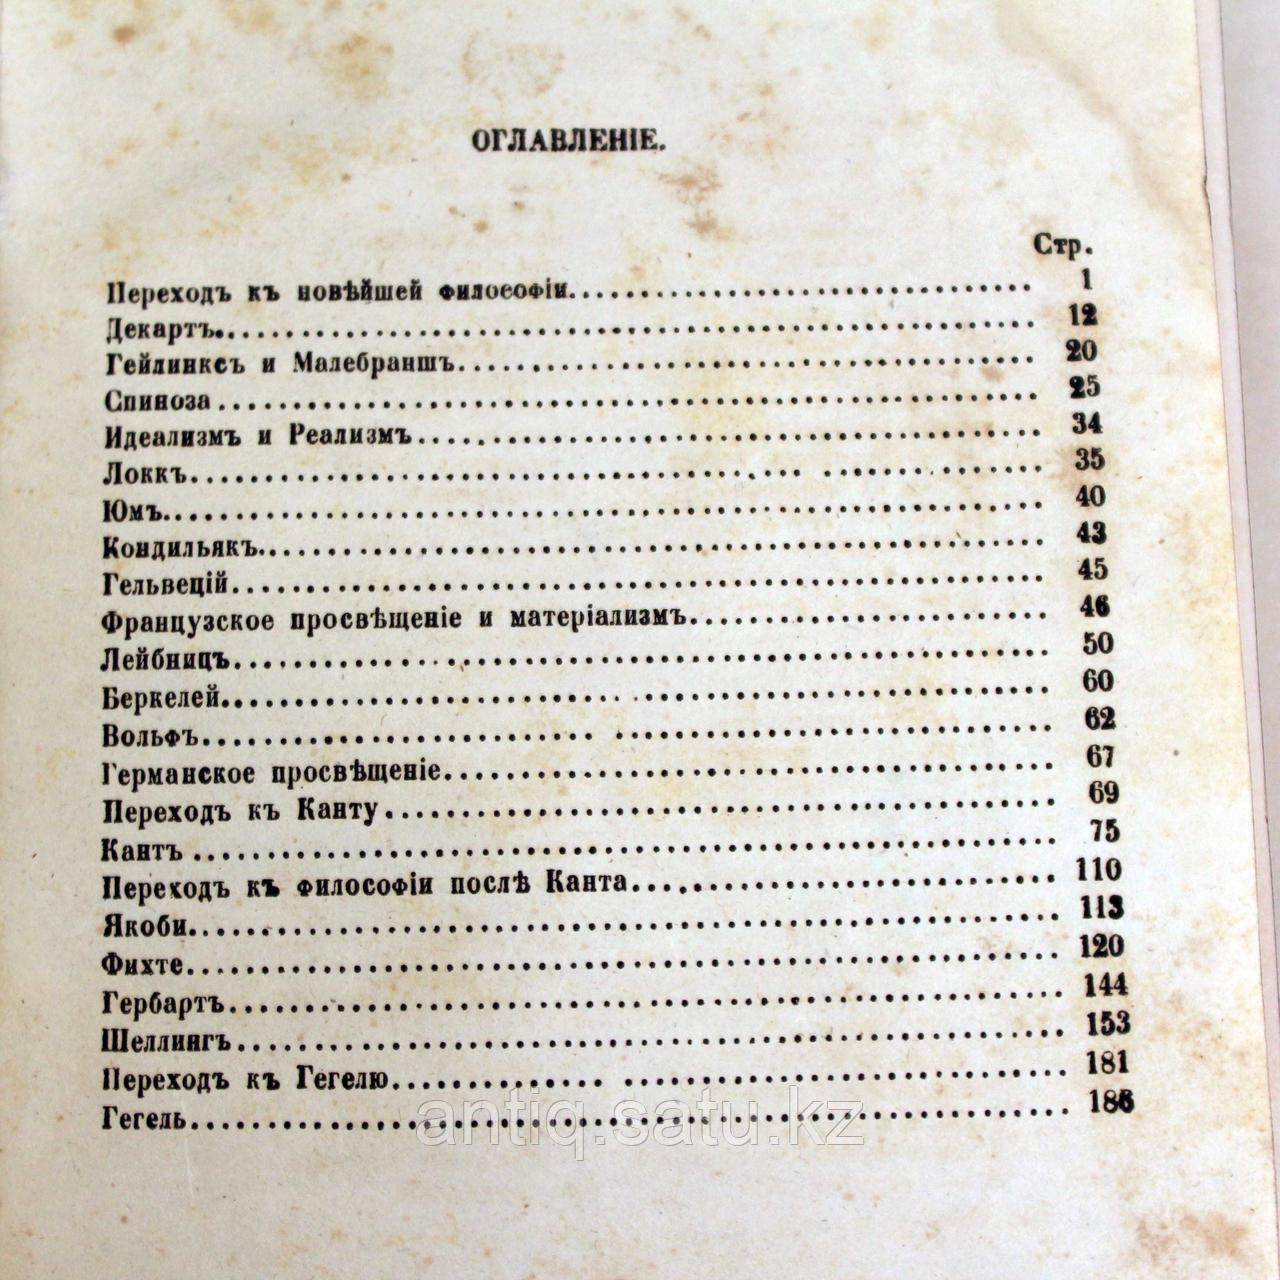 История Философии. Книга- автор Альберт Швеглер. Москва 1864 год - фото 6